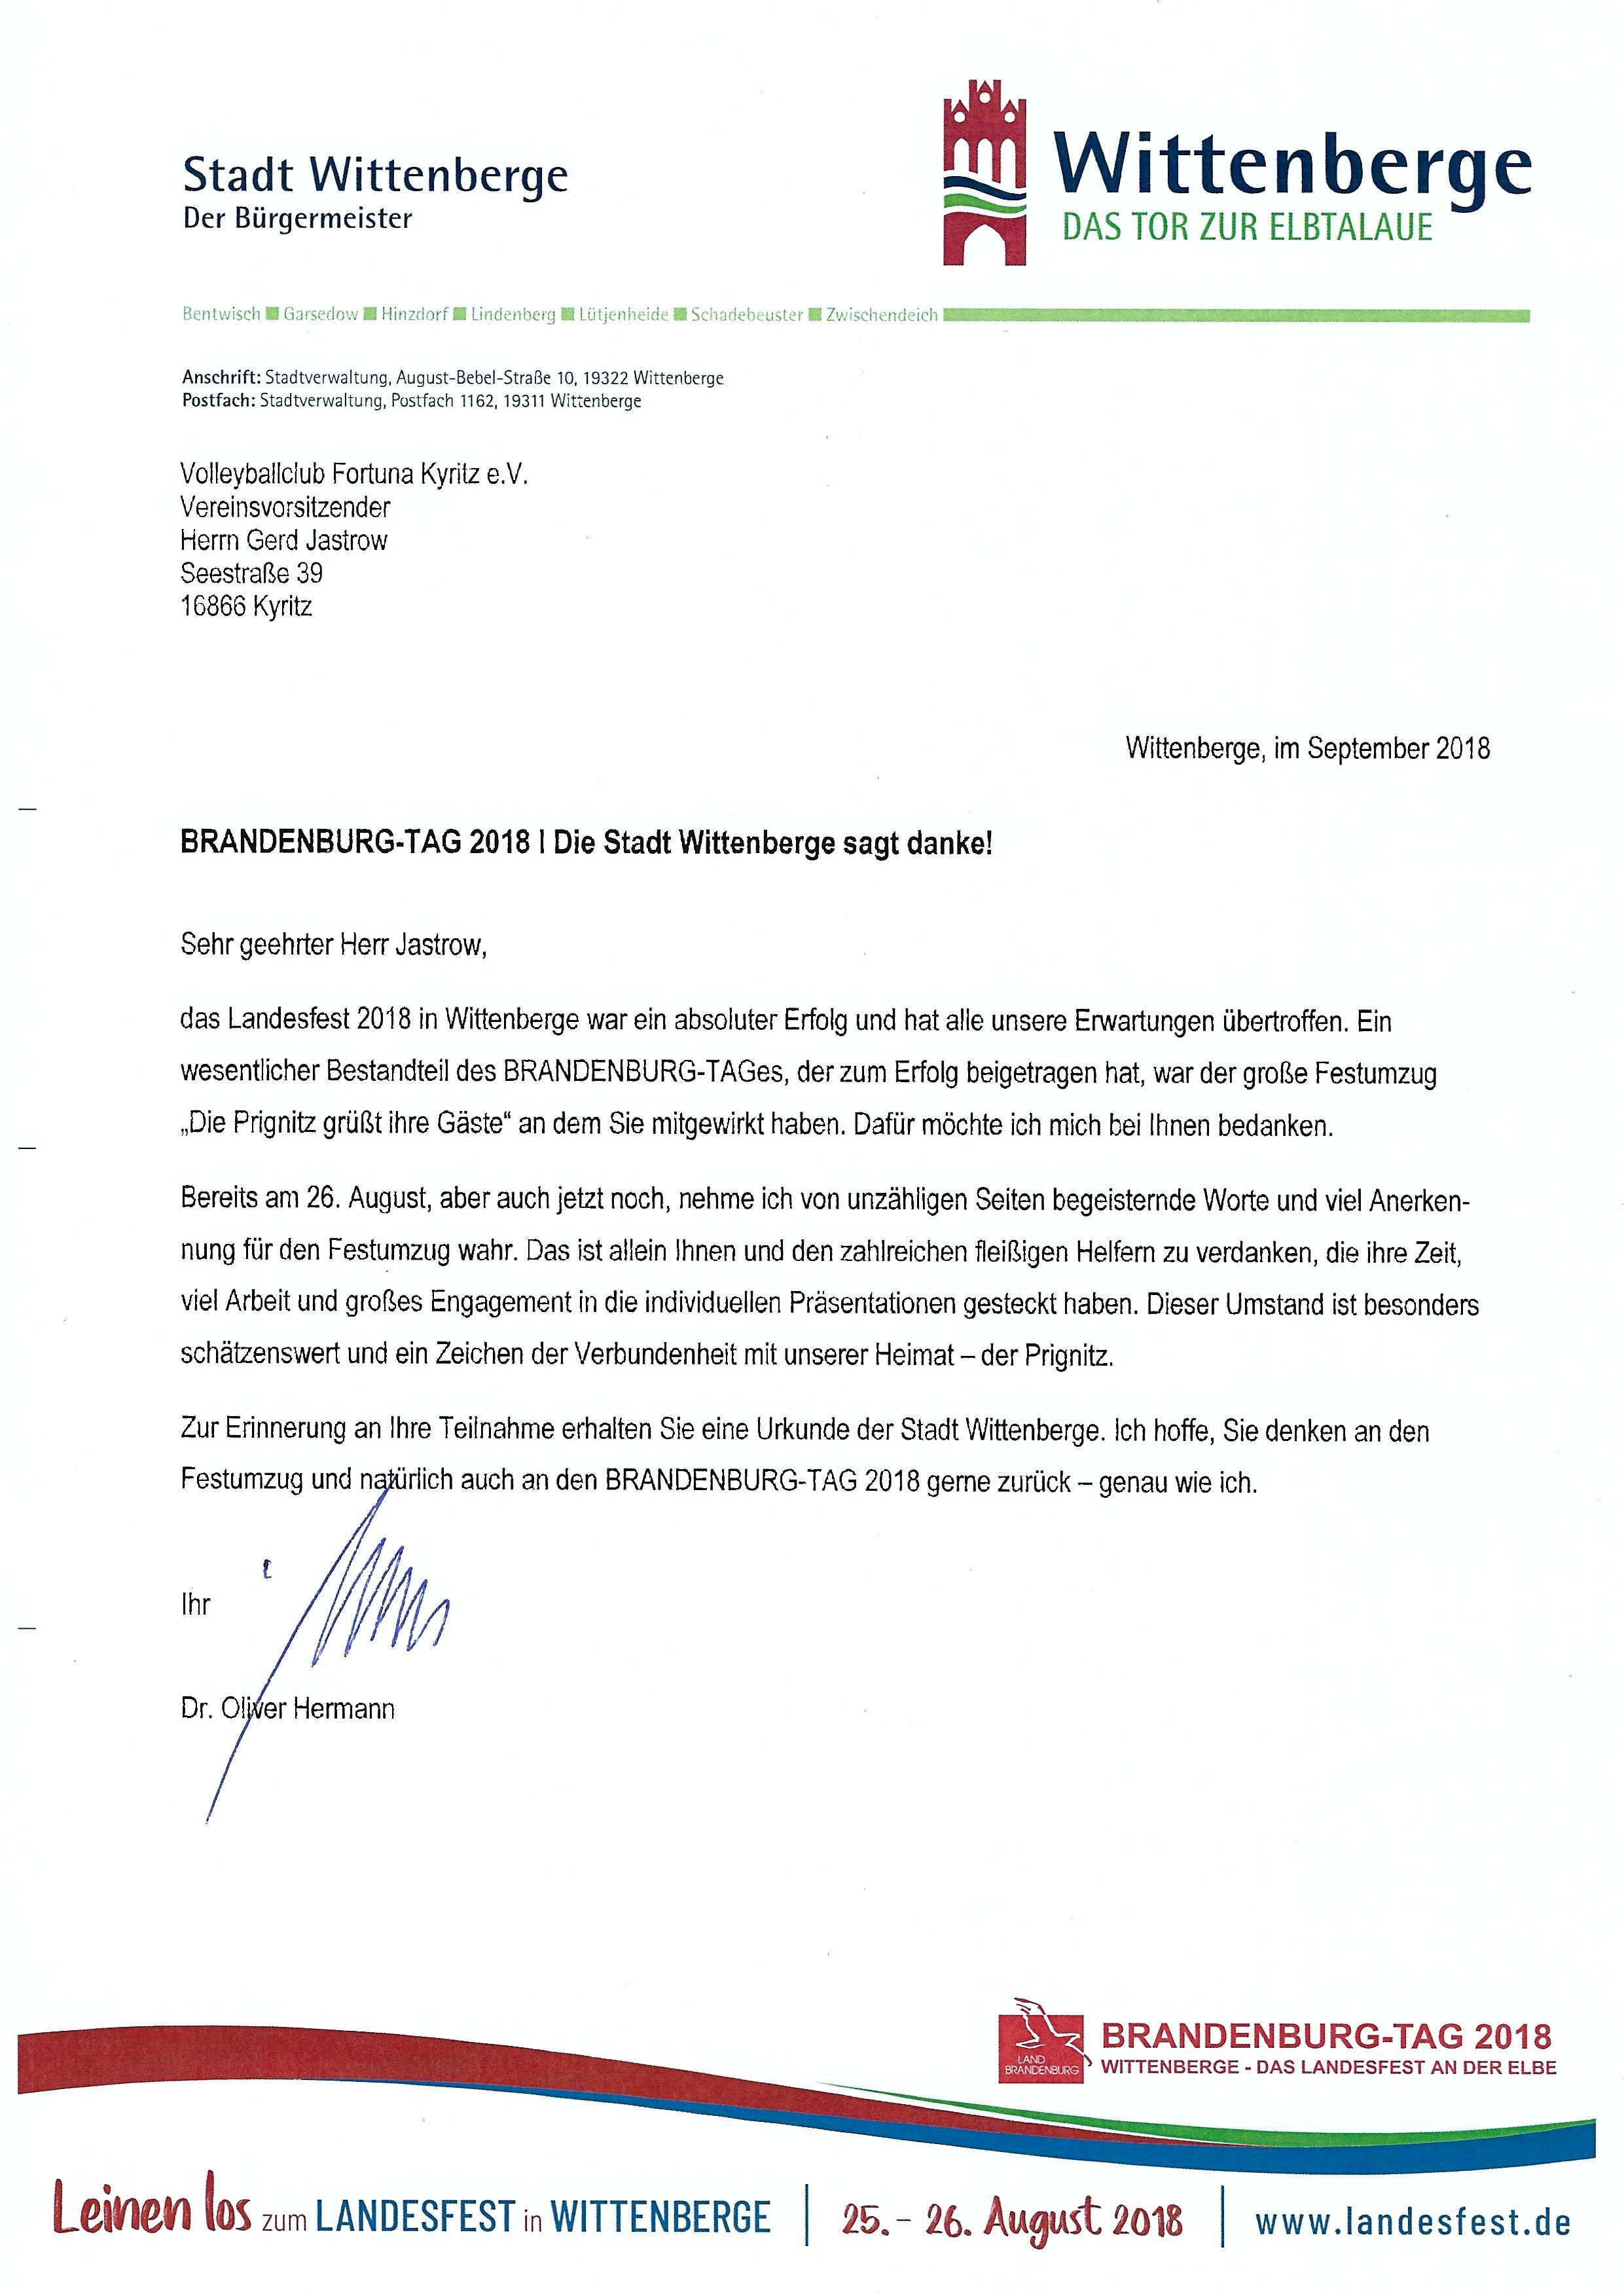 Brandenburg-Tag Wittenberge sagt Danke_0002